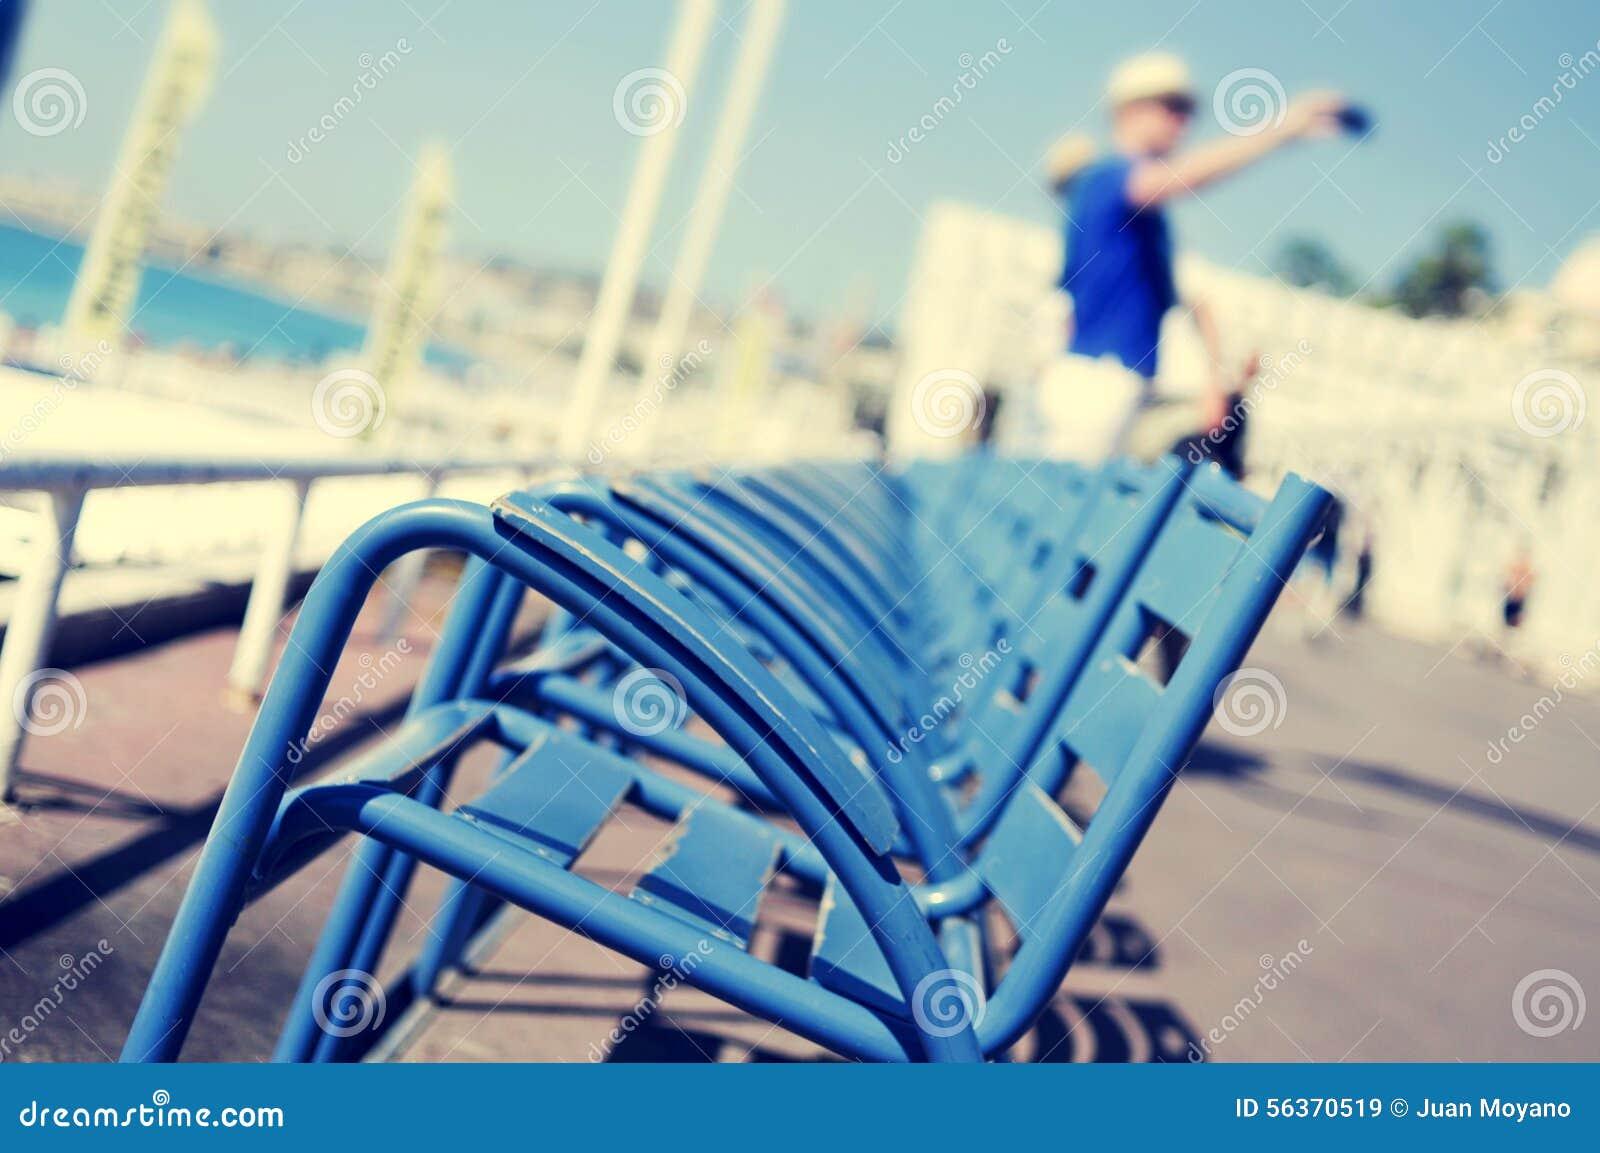 Sedie Blu Nizza : Sedie blu caratteristiche a promenade des anglais in nizza